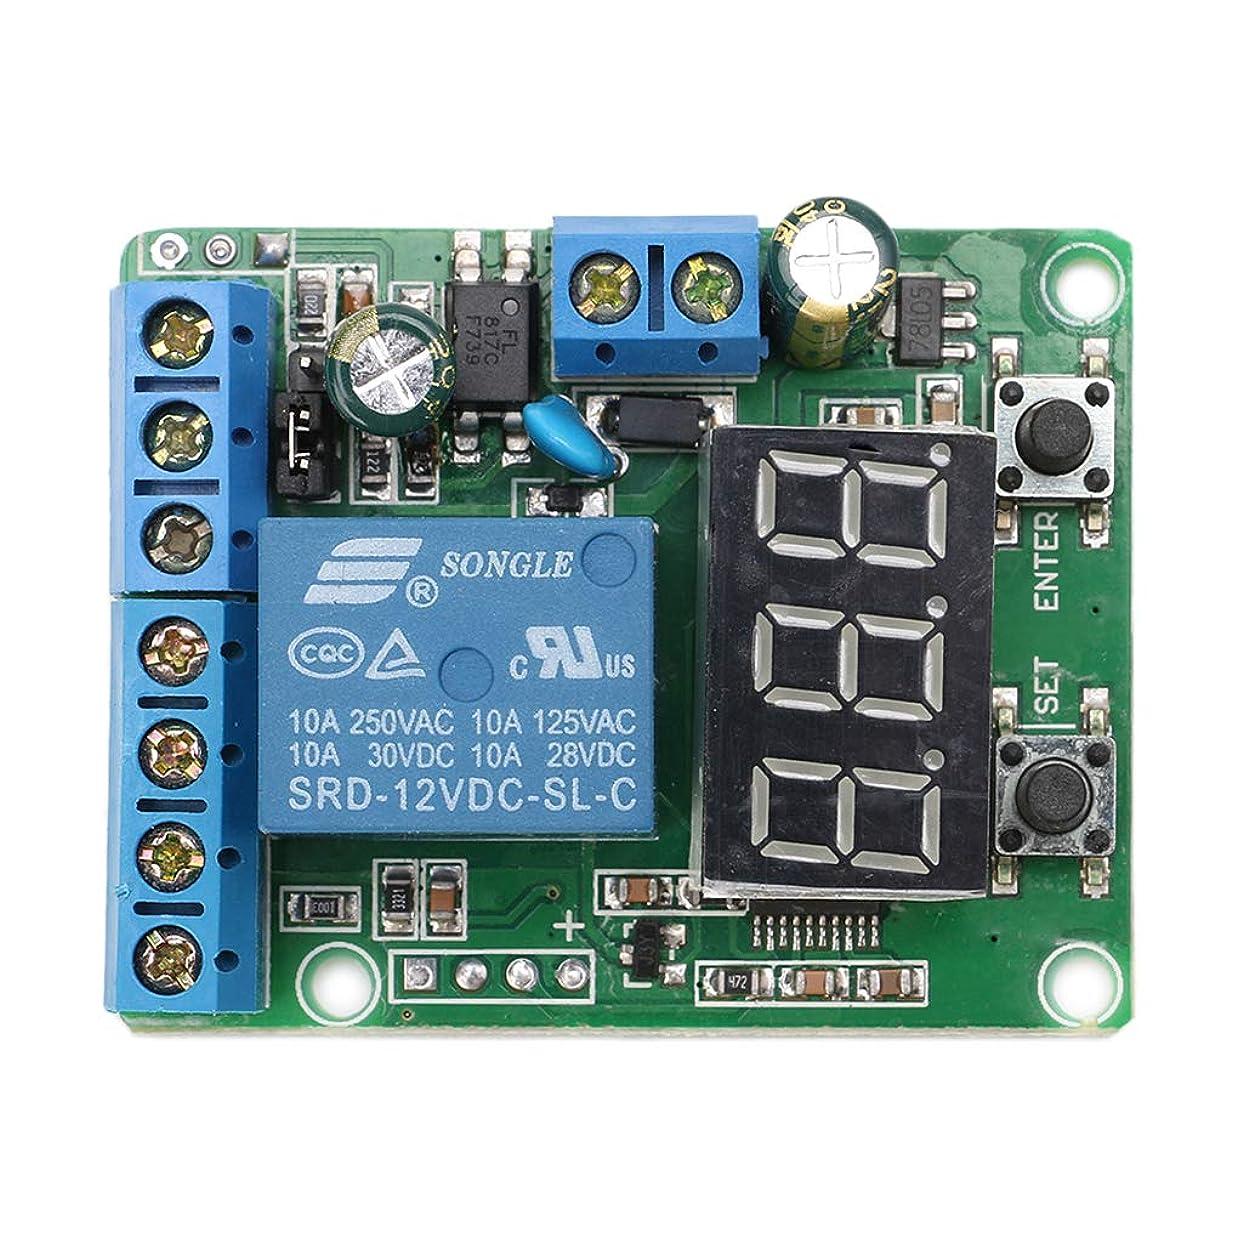 コードスポーツ準備したDCリレーモジュールコントロールボード12Vスイッチ負荷電圧検出テストモニター